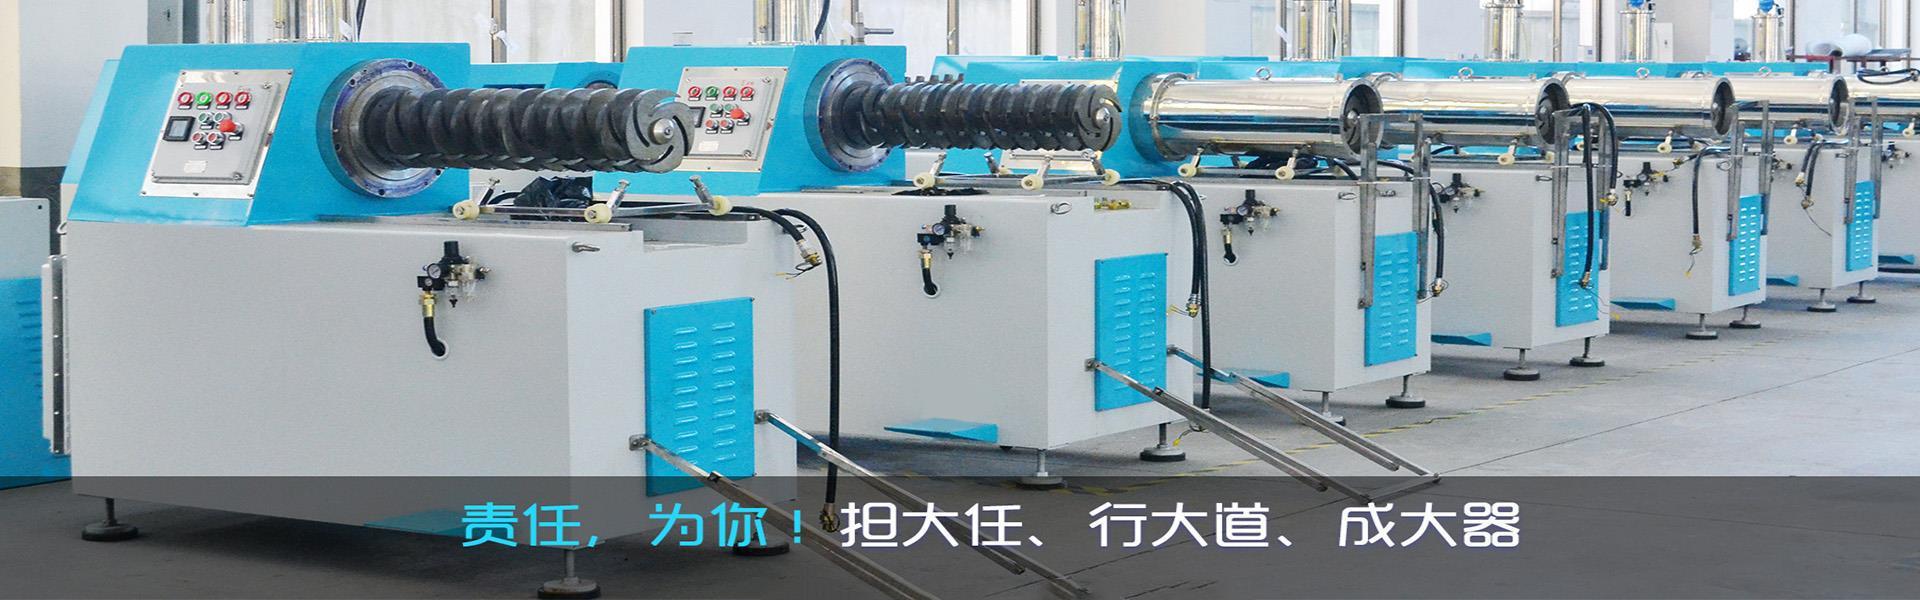 博雅棋牌(上海)机电科技有限公司